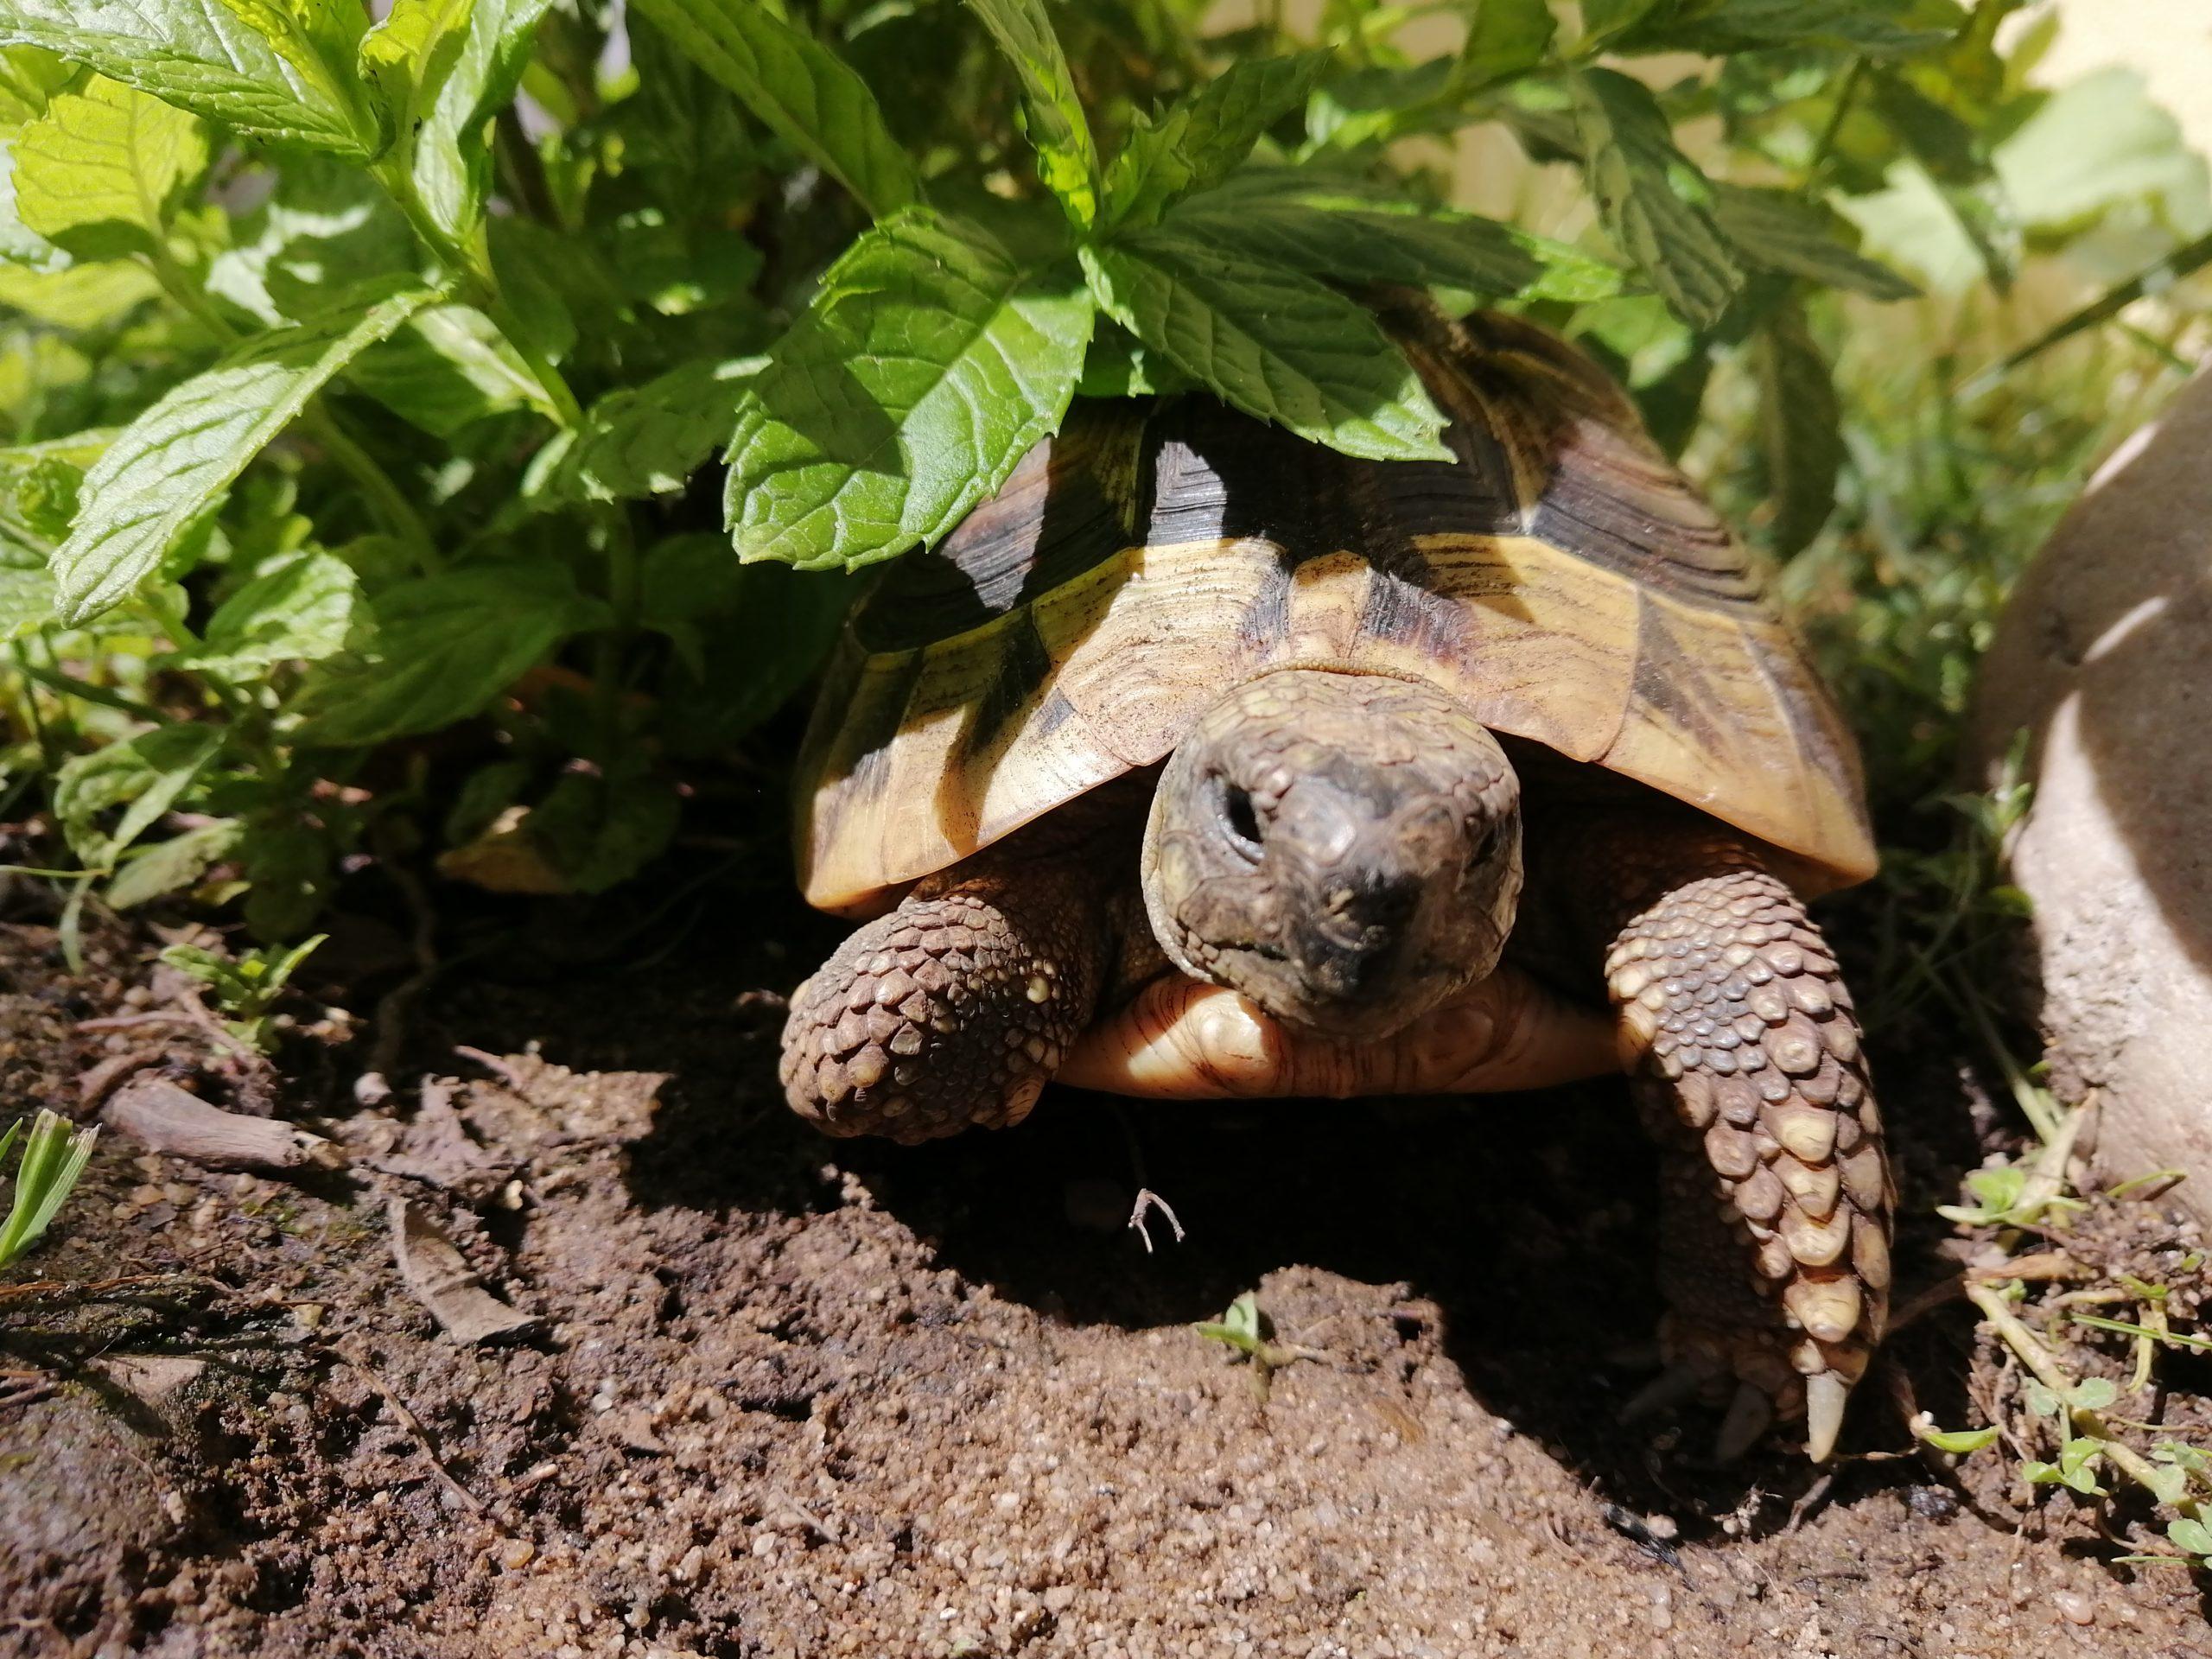 Griechische Landschildkröte versteckt sich in der Minze